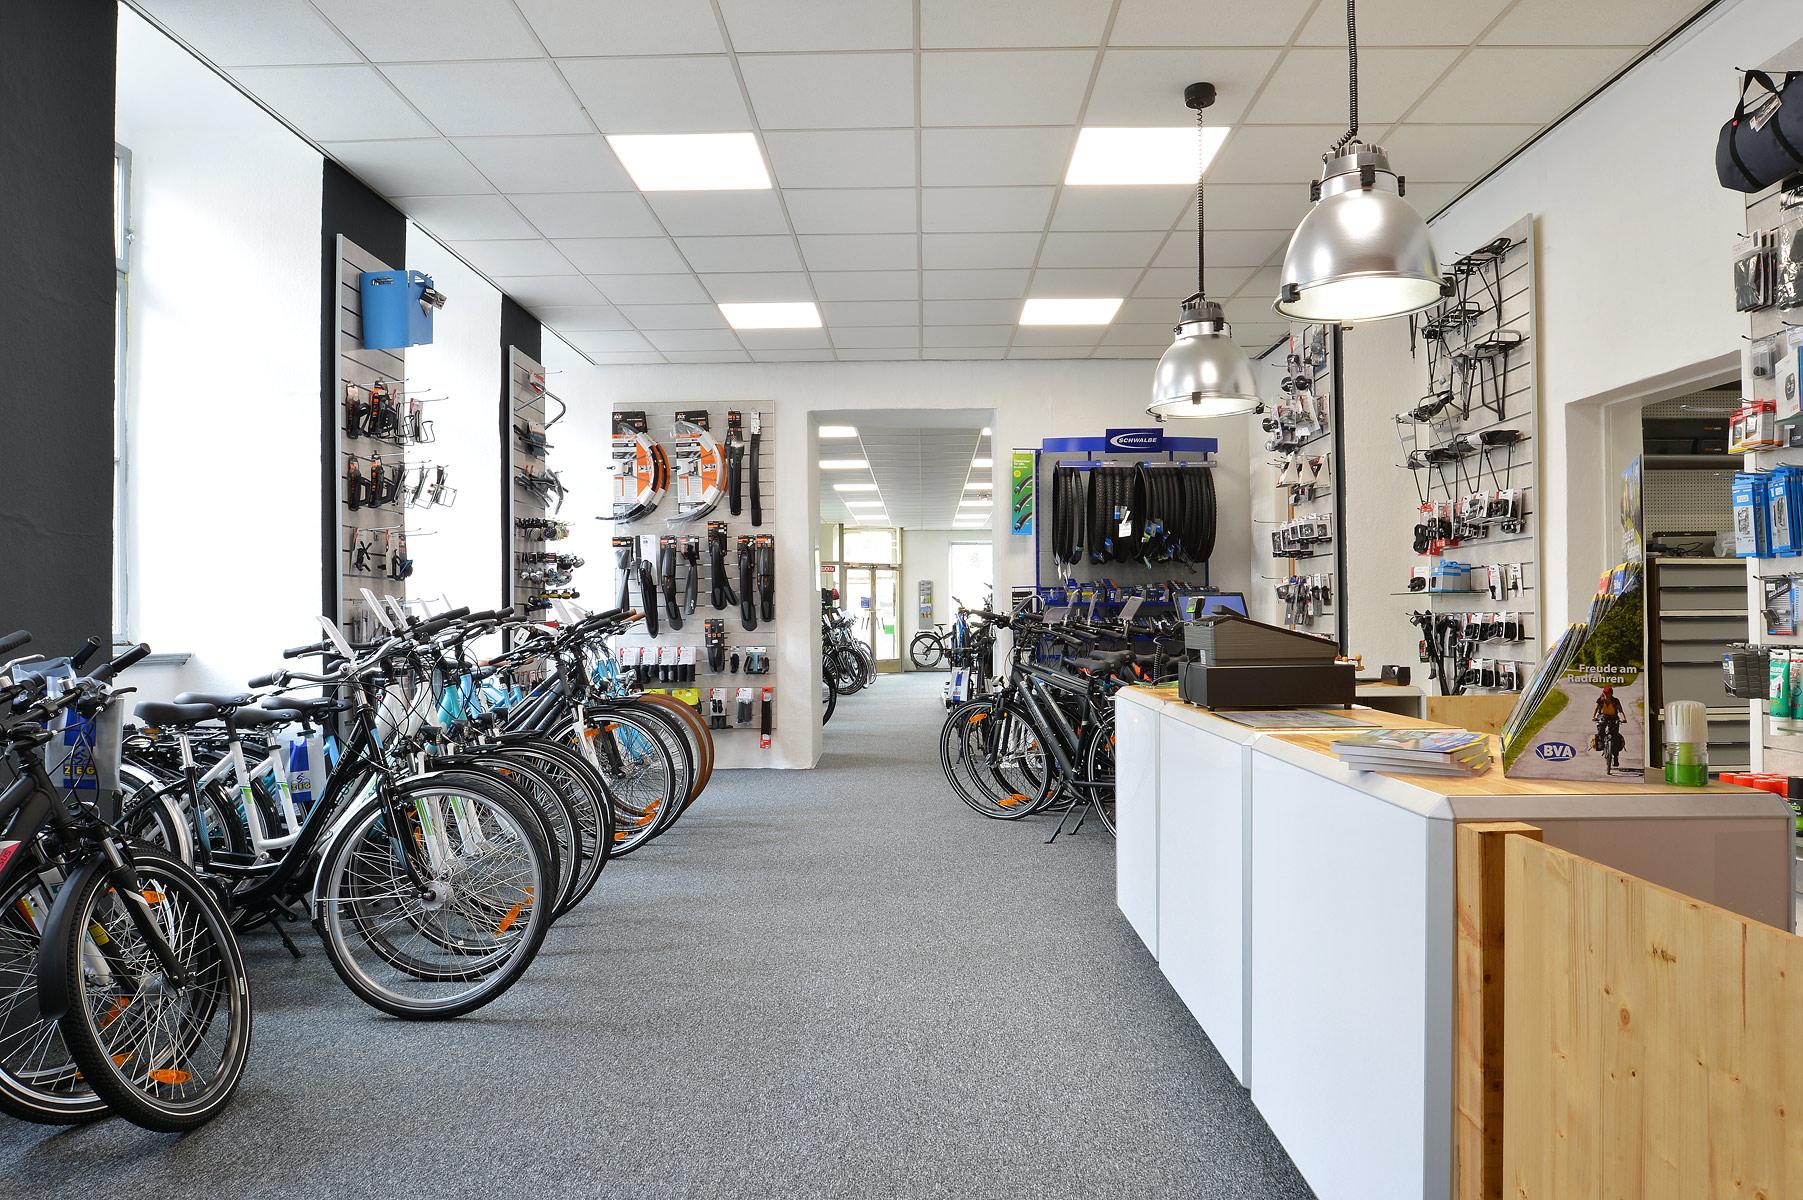 Zweirad Mitschke Koblenz Nicole Bouillon Fotografie